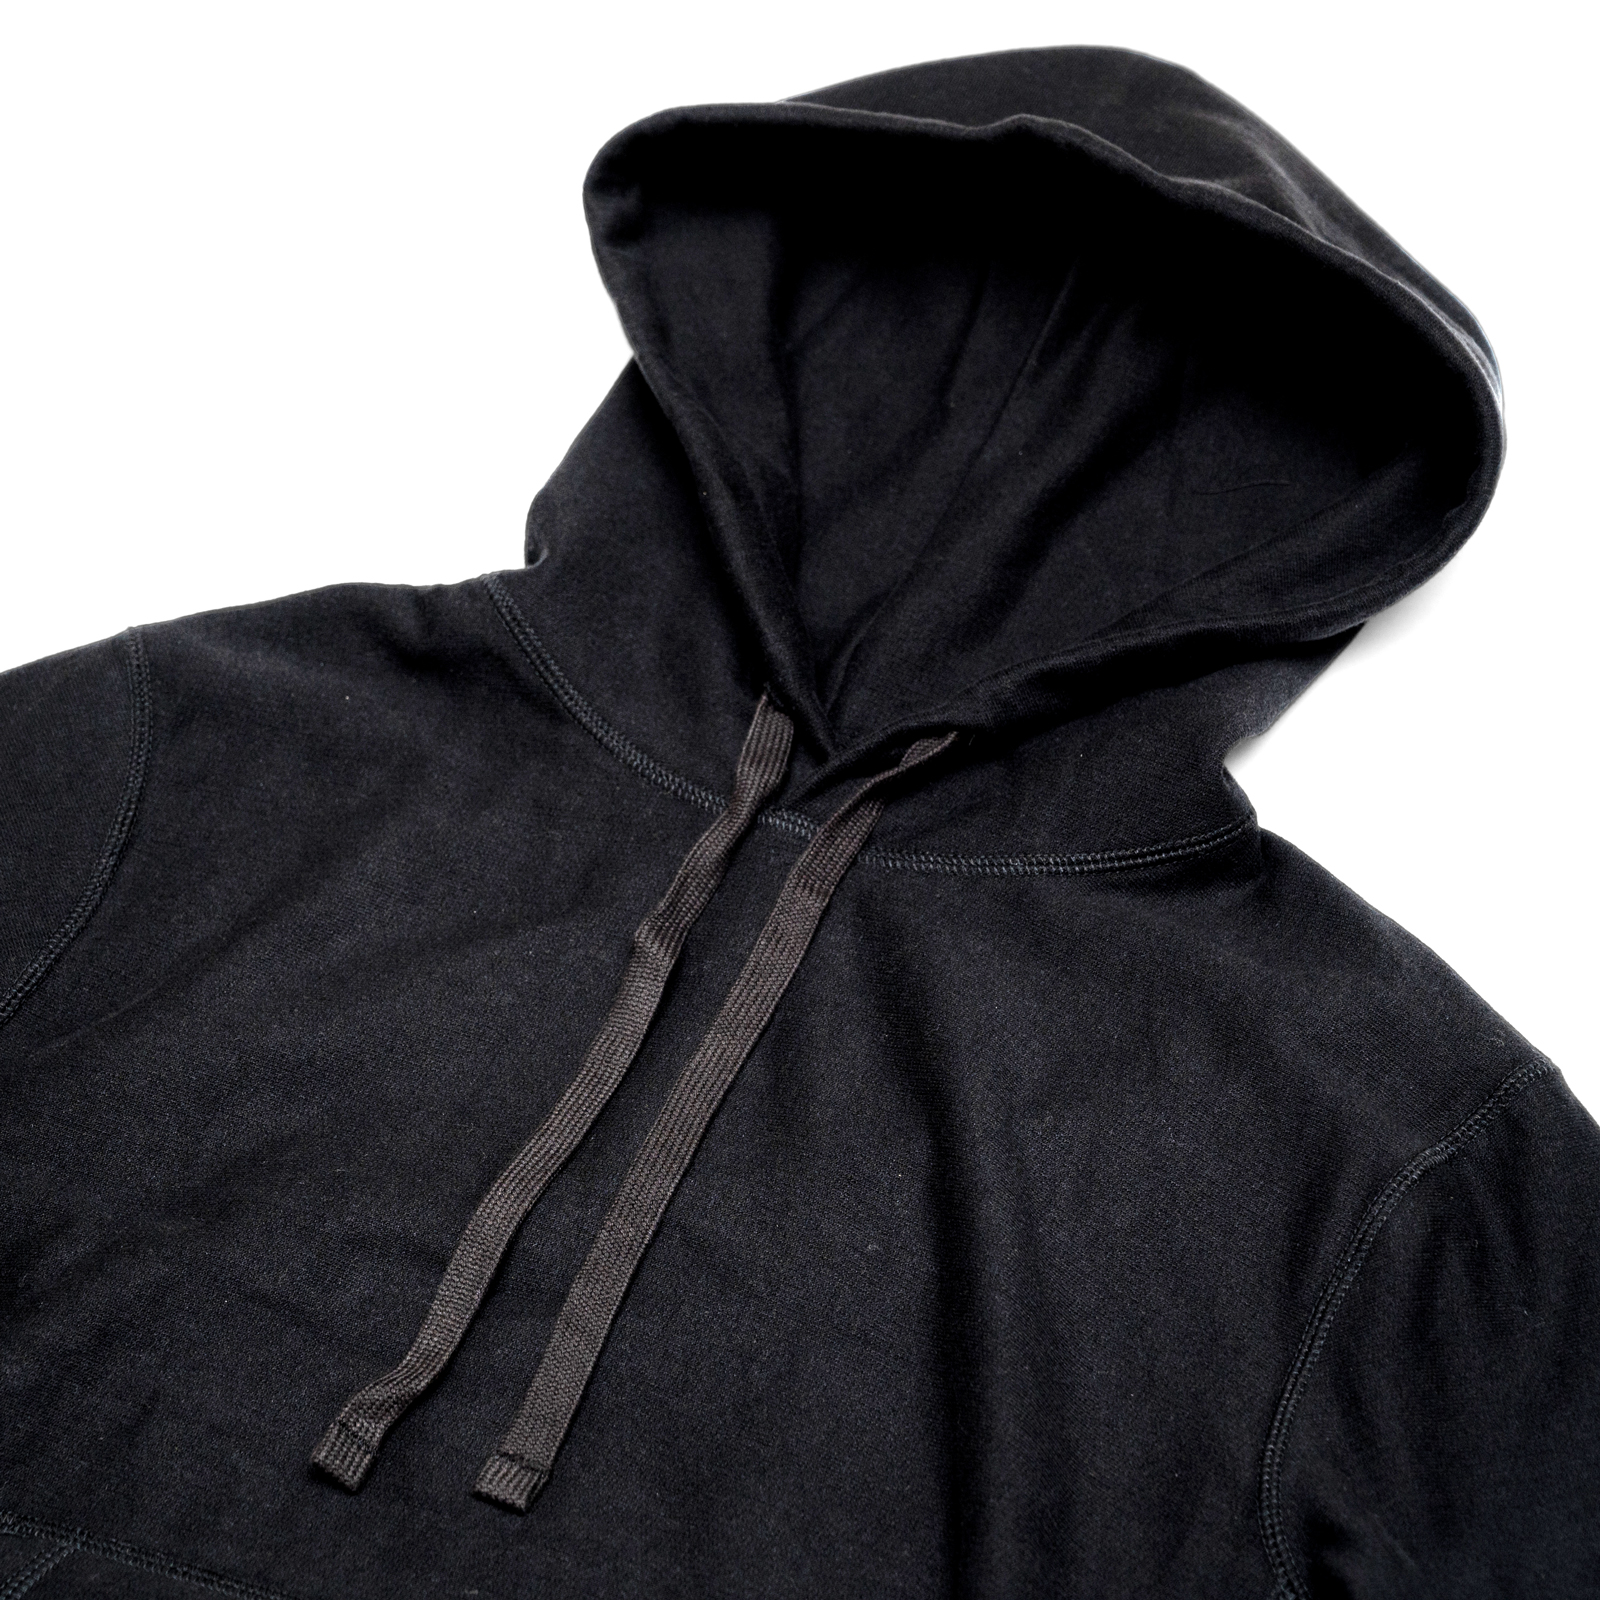 The Black Tees Hoodie